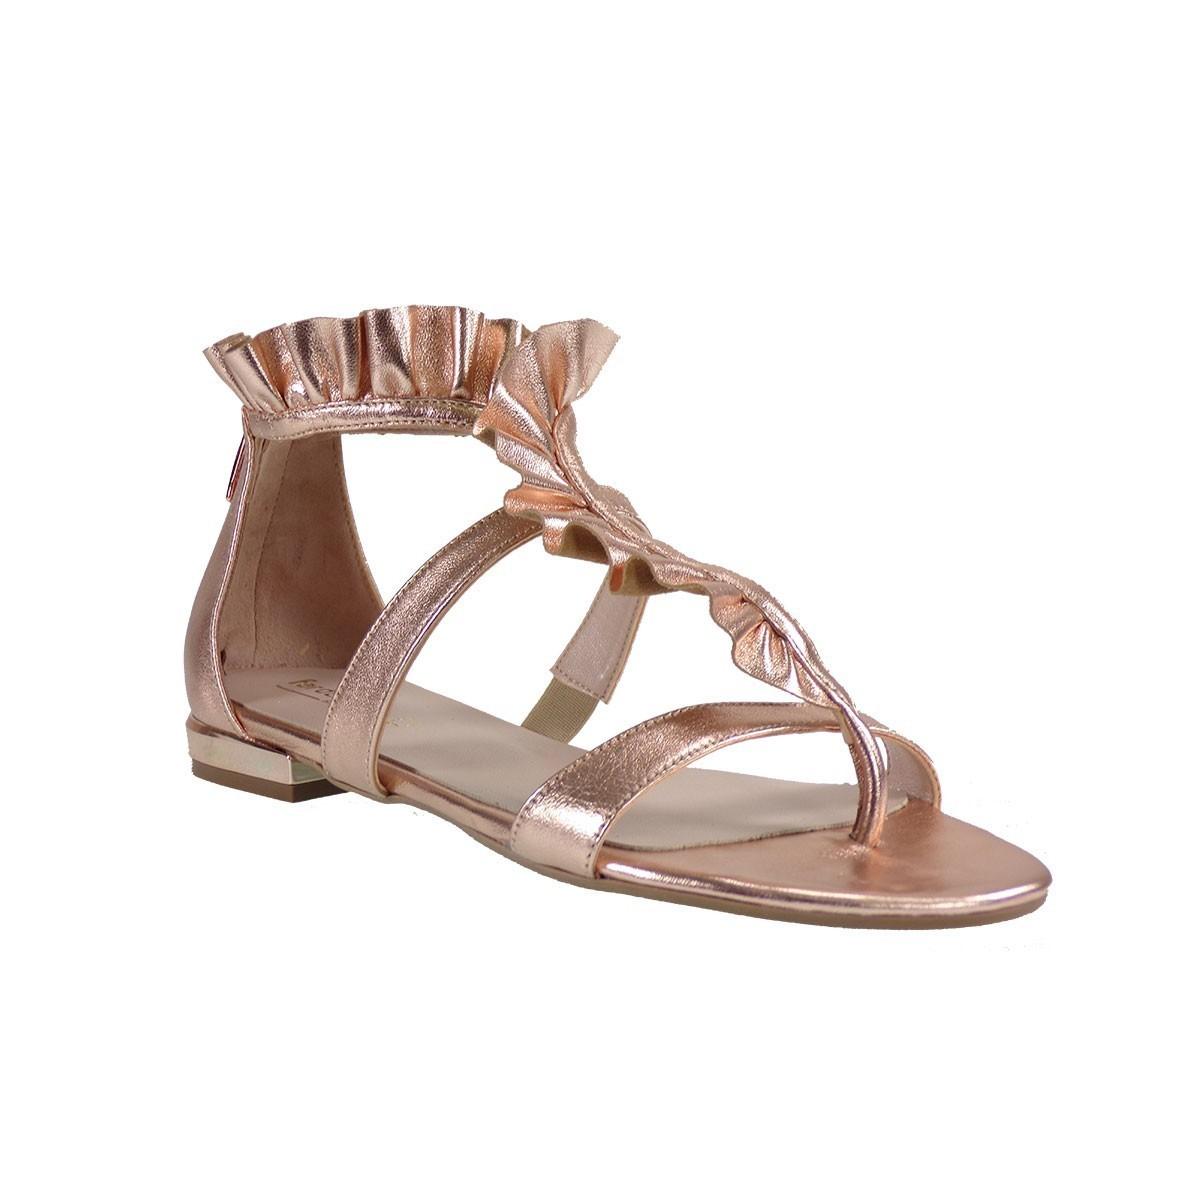 Fardoulis shoes Γυναικεία Πέδιλα 30018 Χαλκός Δέρμα